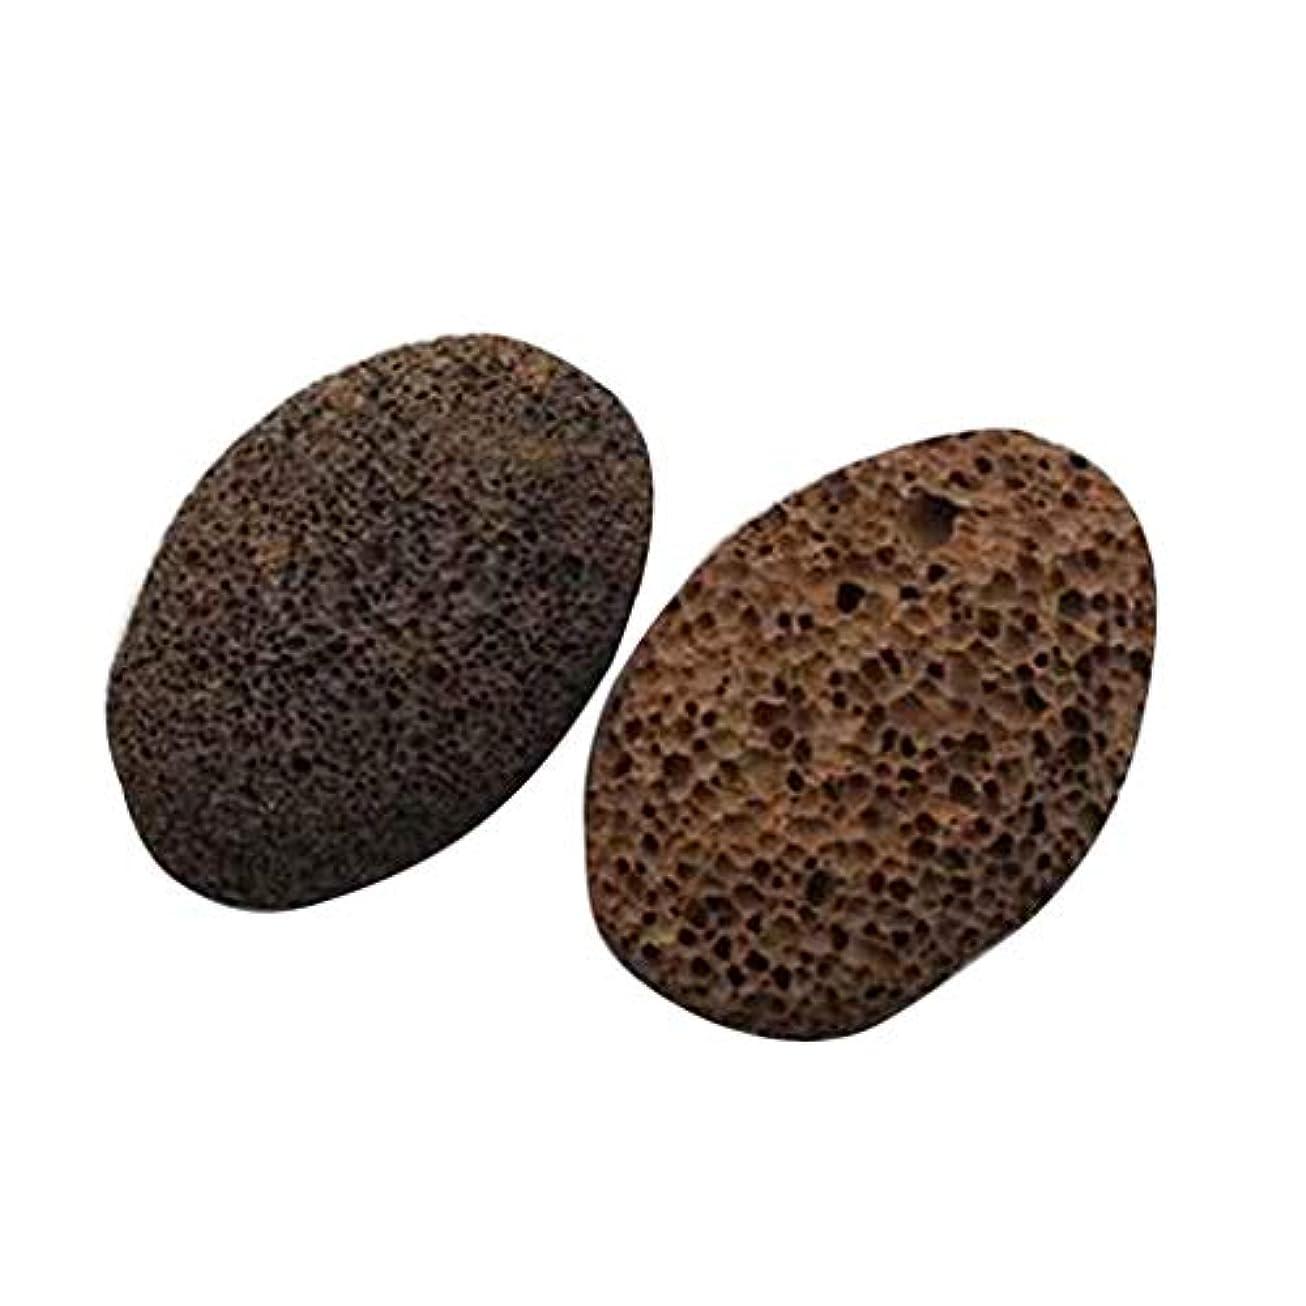 コカイン発言する貪欲Vonarly ワイプ足石 死んだ皮軽石を取り除き 足石を挽いて 自然の火山石を剥がします 足マッサージ石 2個セット